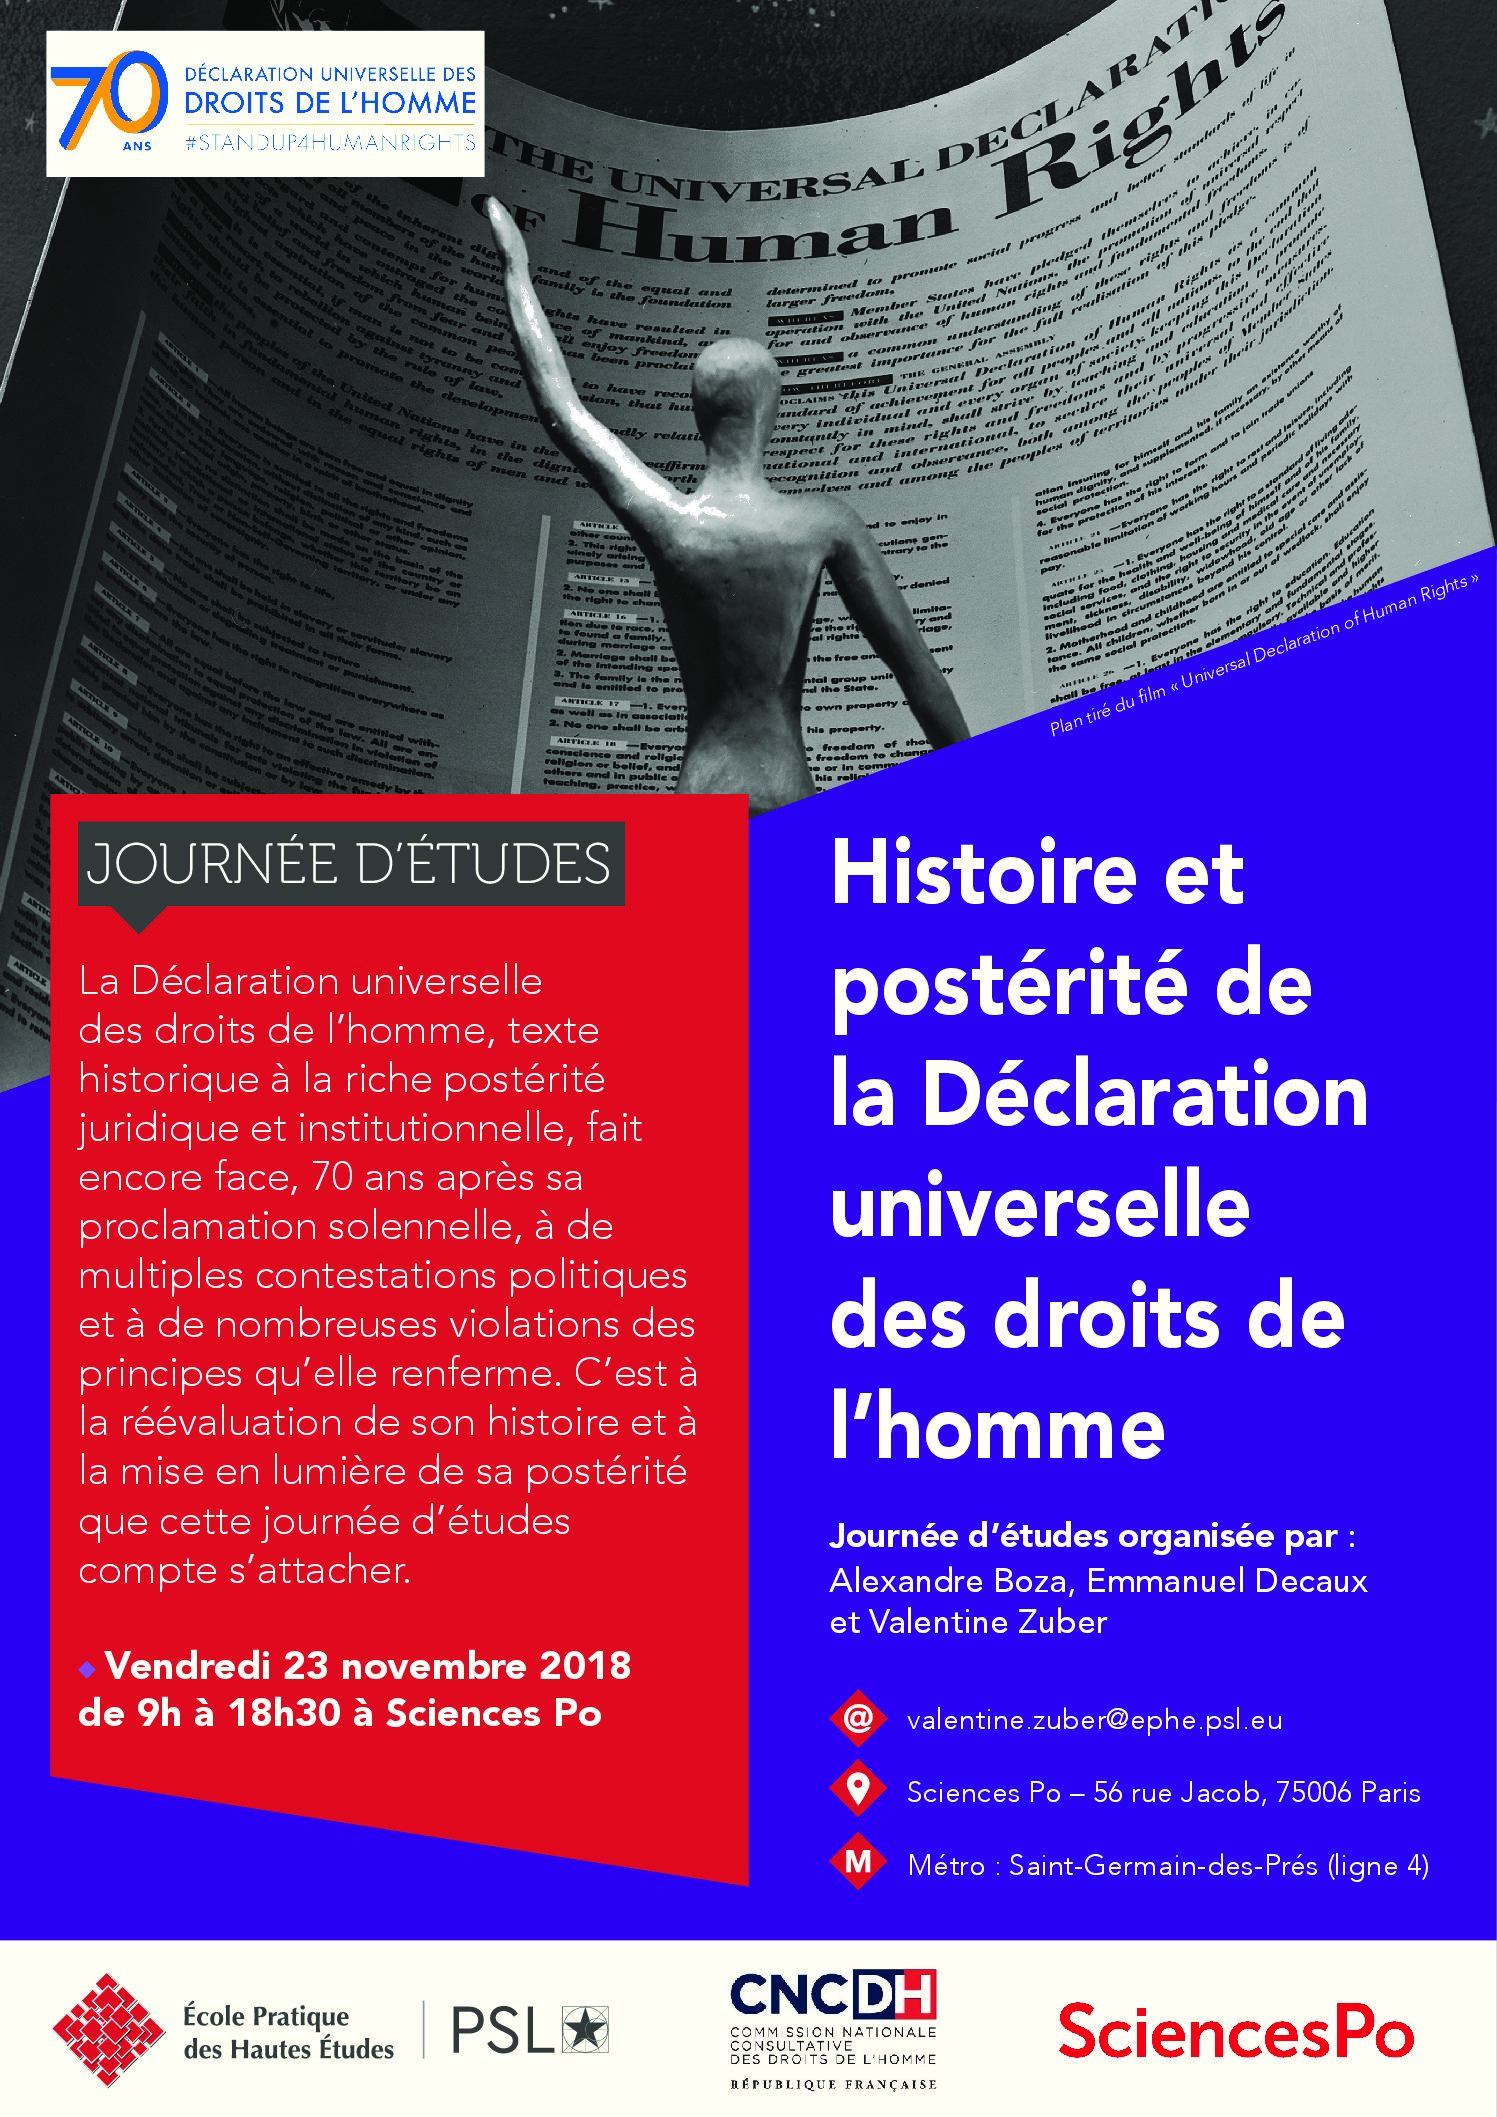 23 novembre – Journée d'études : Histoire et postérité de la Déclaration universelle des droits de l'homme